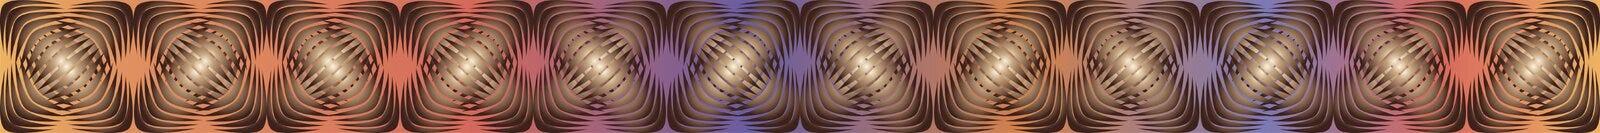 Geometrische patronen met gradiëntvulling 6 Royalty-vrije Stock Foto